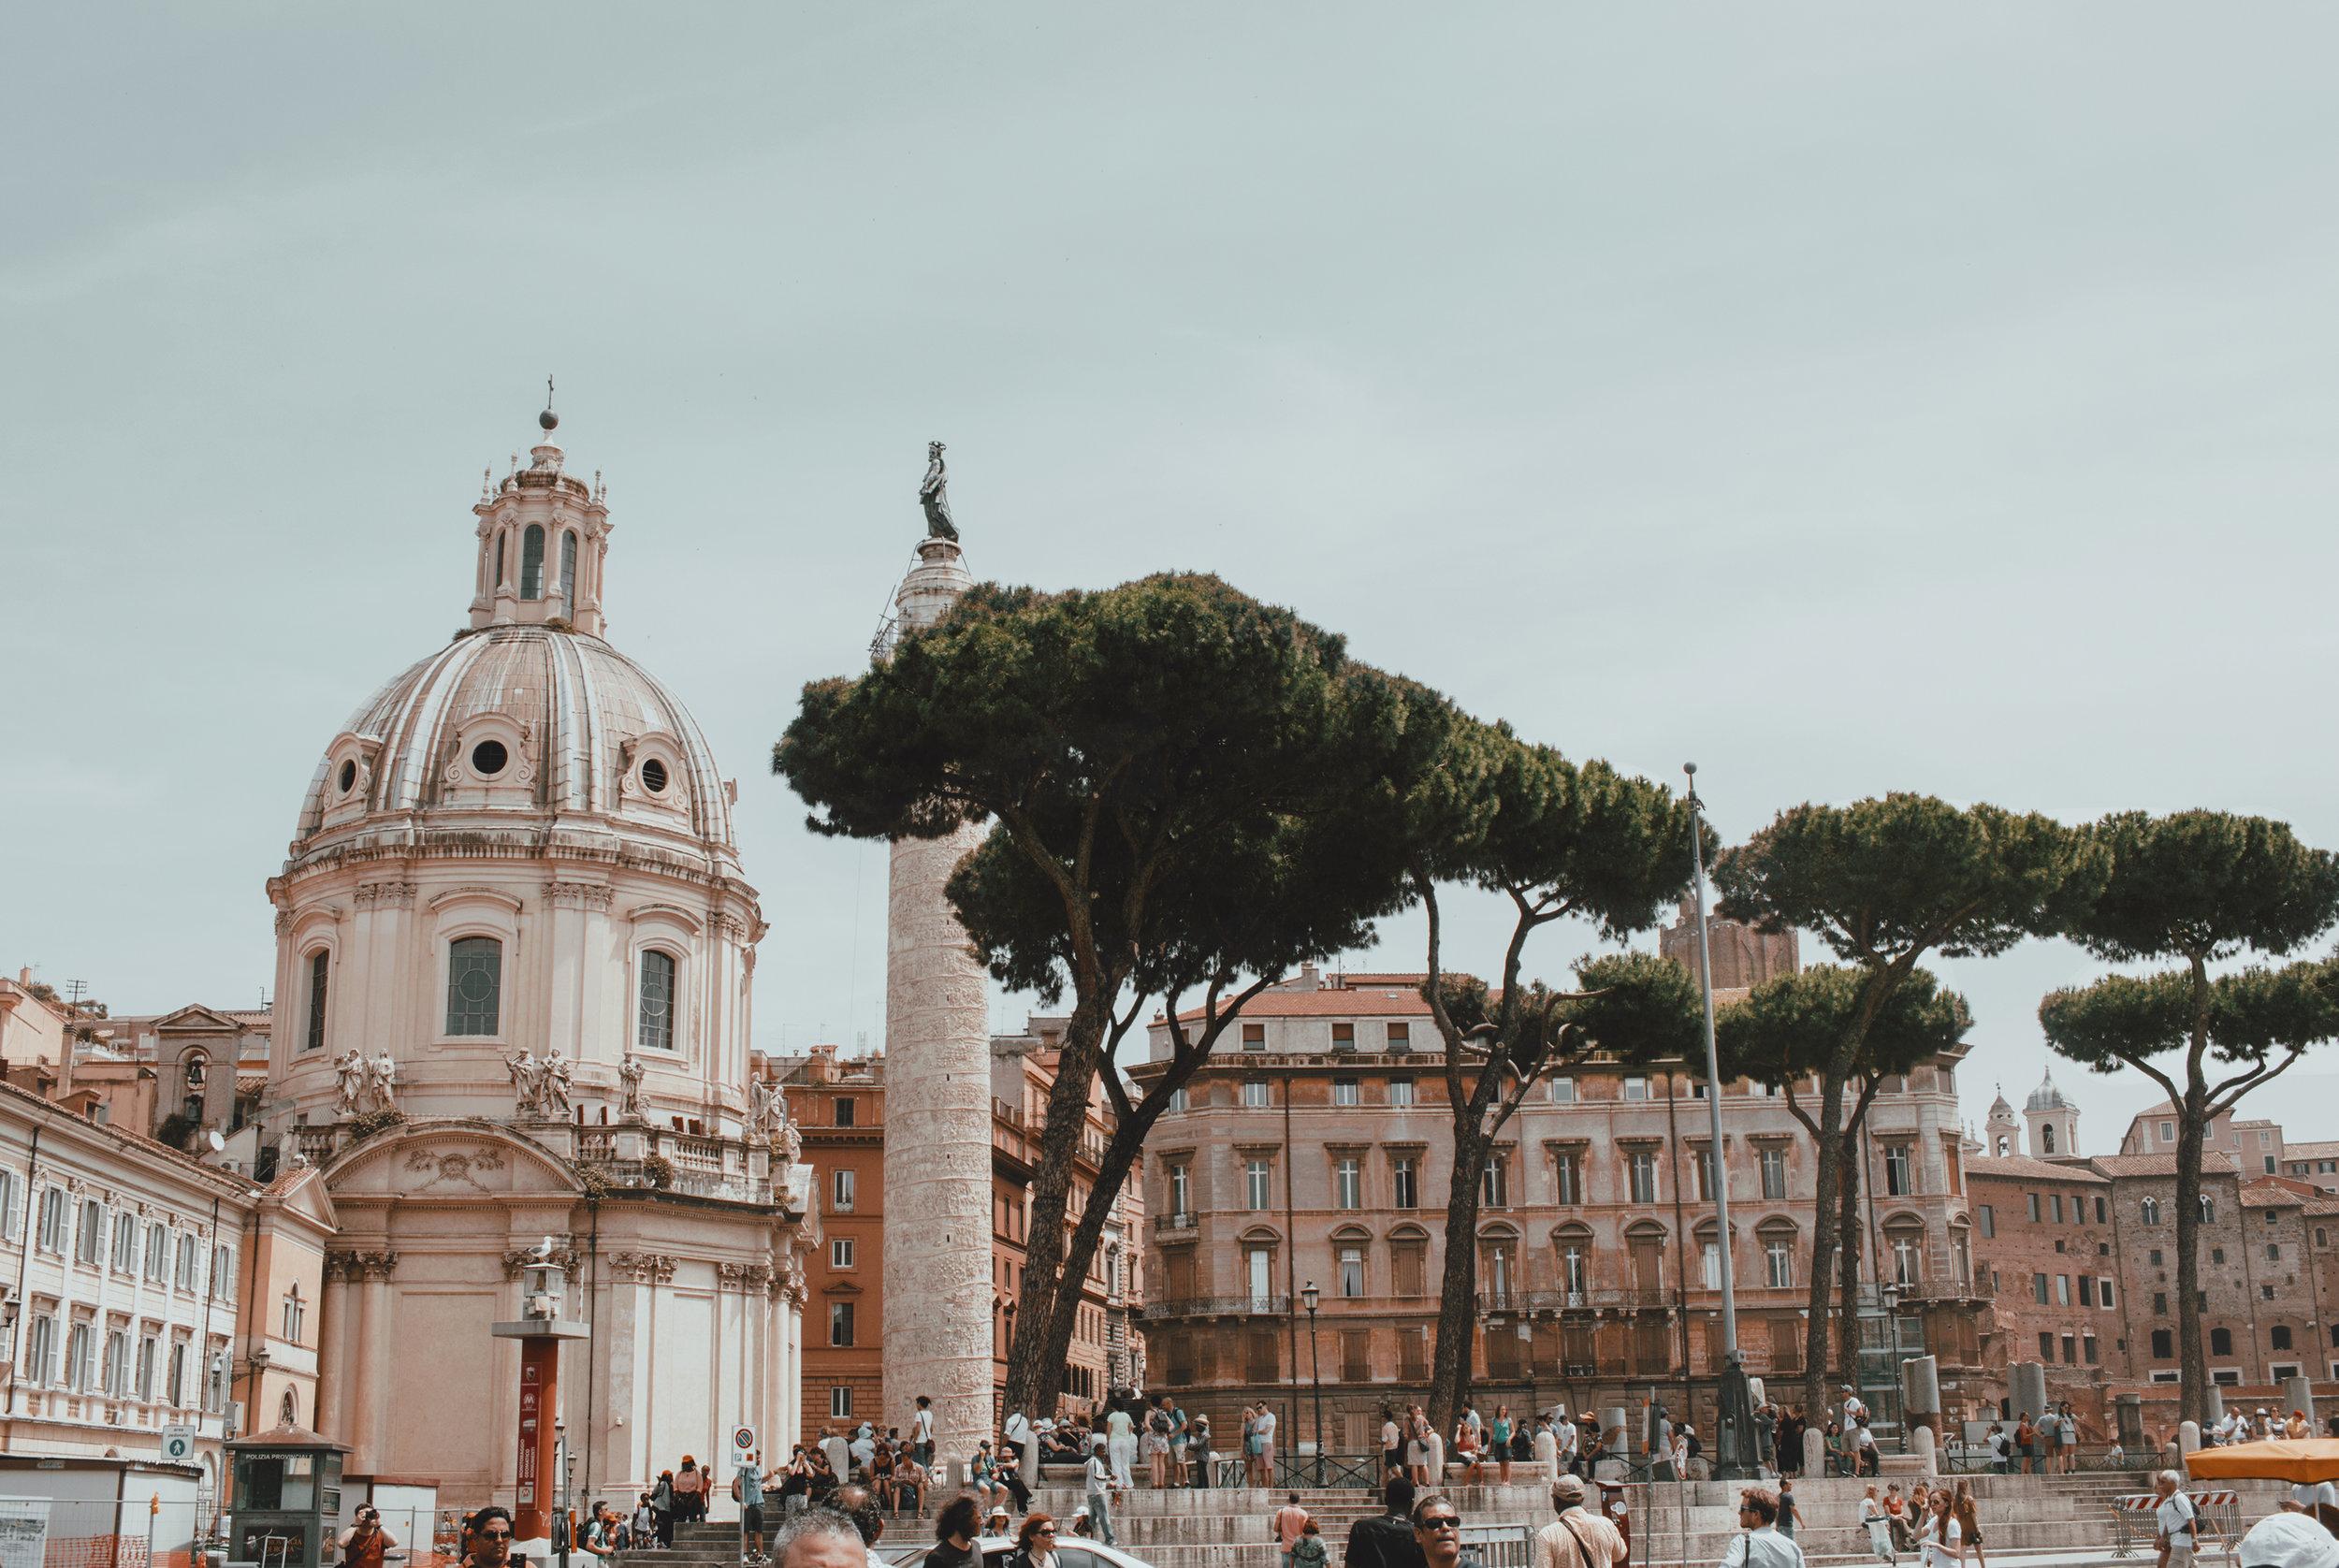 Rome_05272016_271 copy.jpg